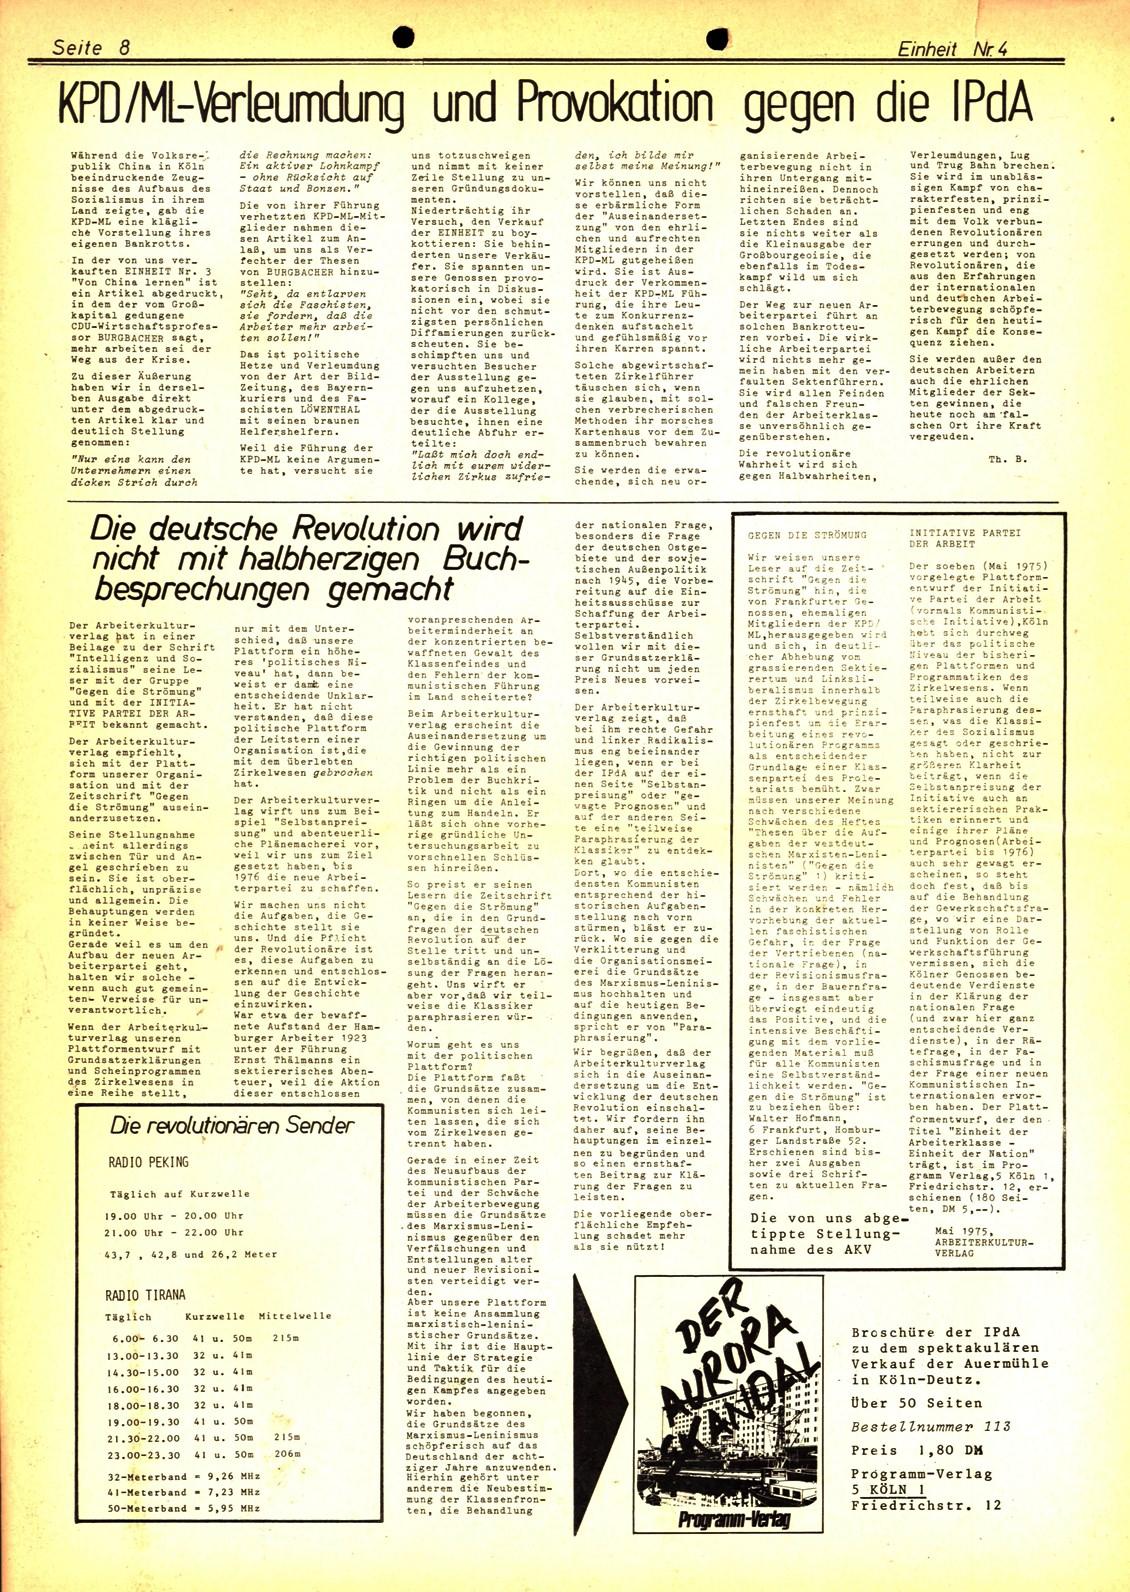 Koeln_IPdA_Einheit_1975_004_008